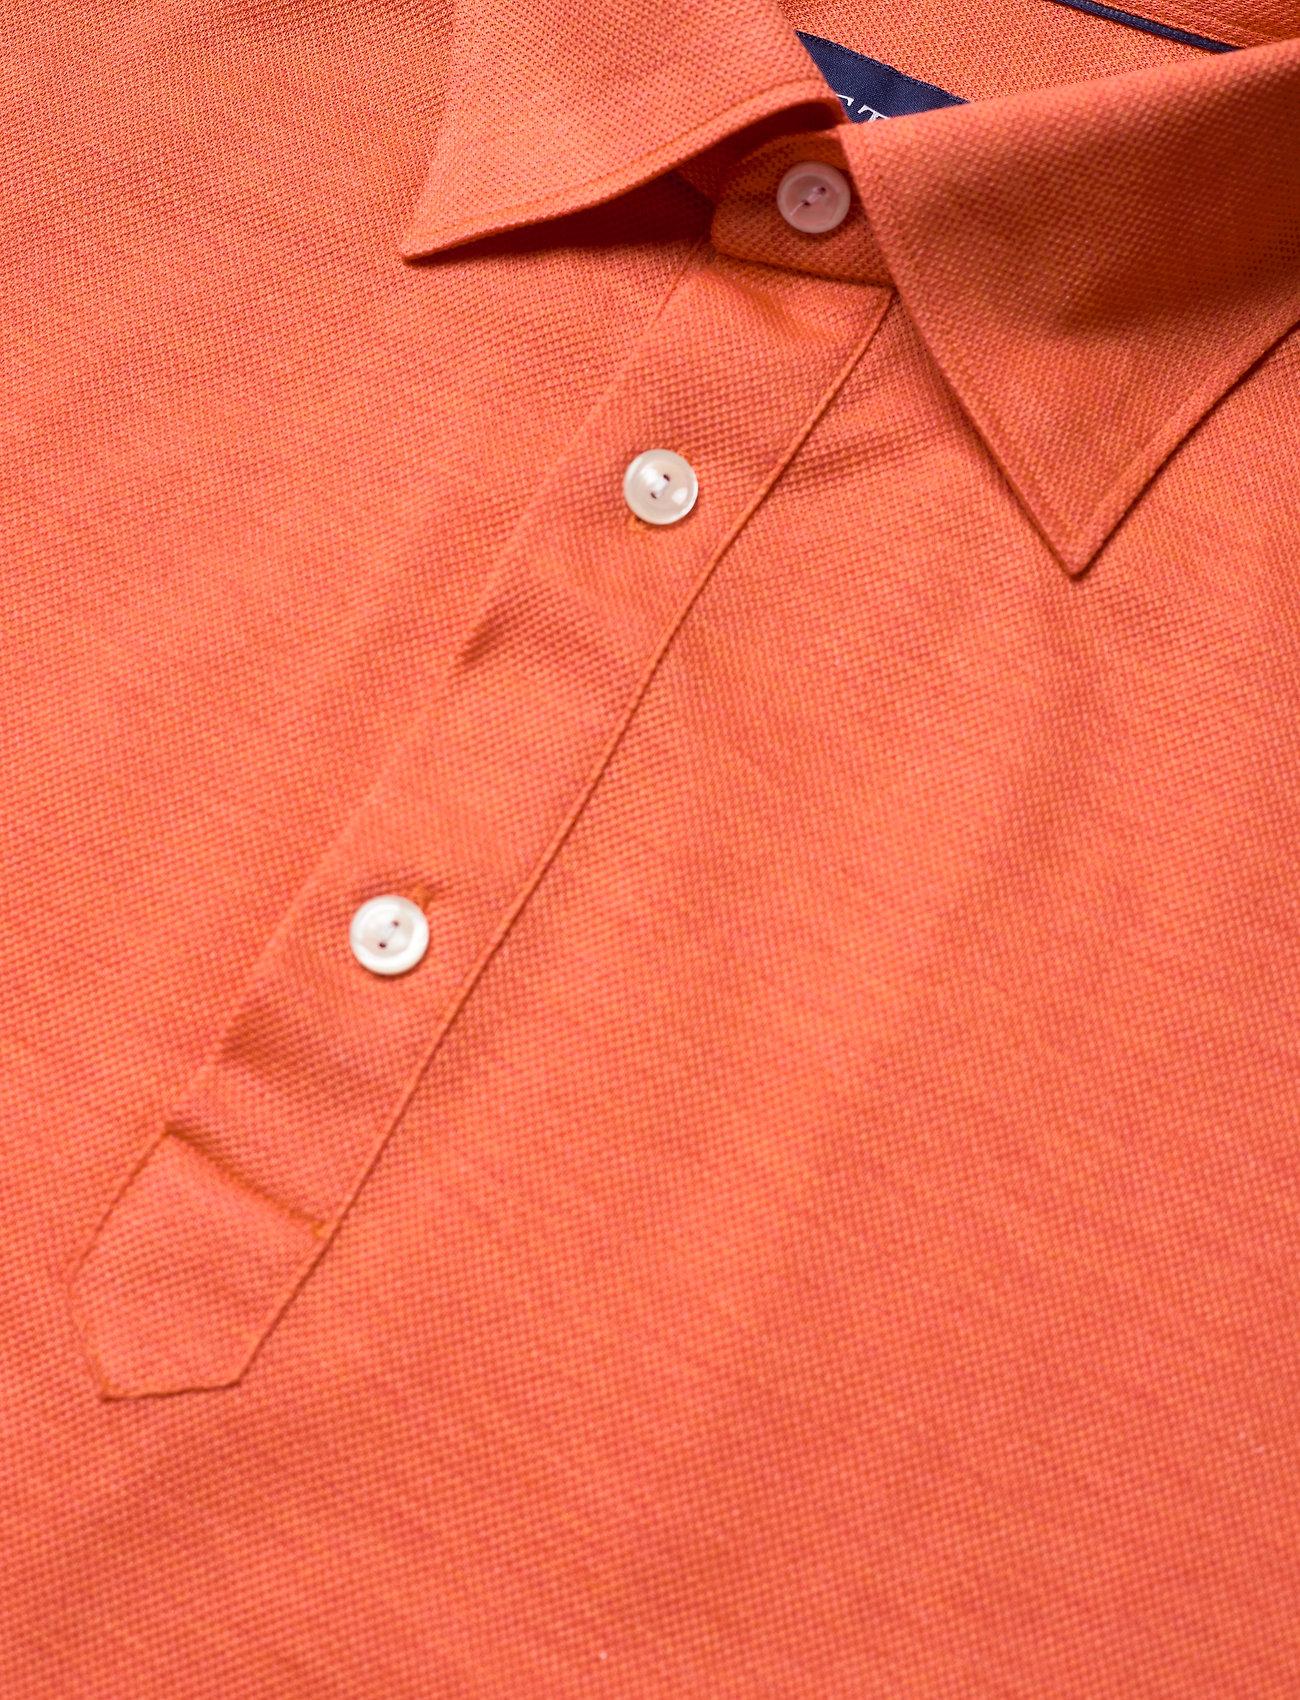 Eton Blue Polo Short Sleeve Popover Shirt - Poloskjorter YELLOW/ORANGE - Menn Klær